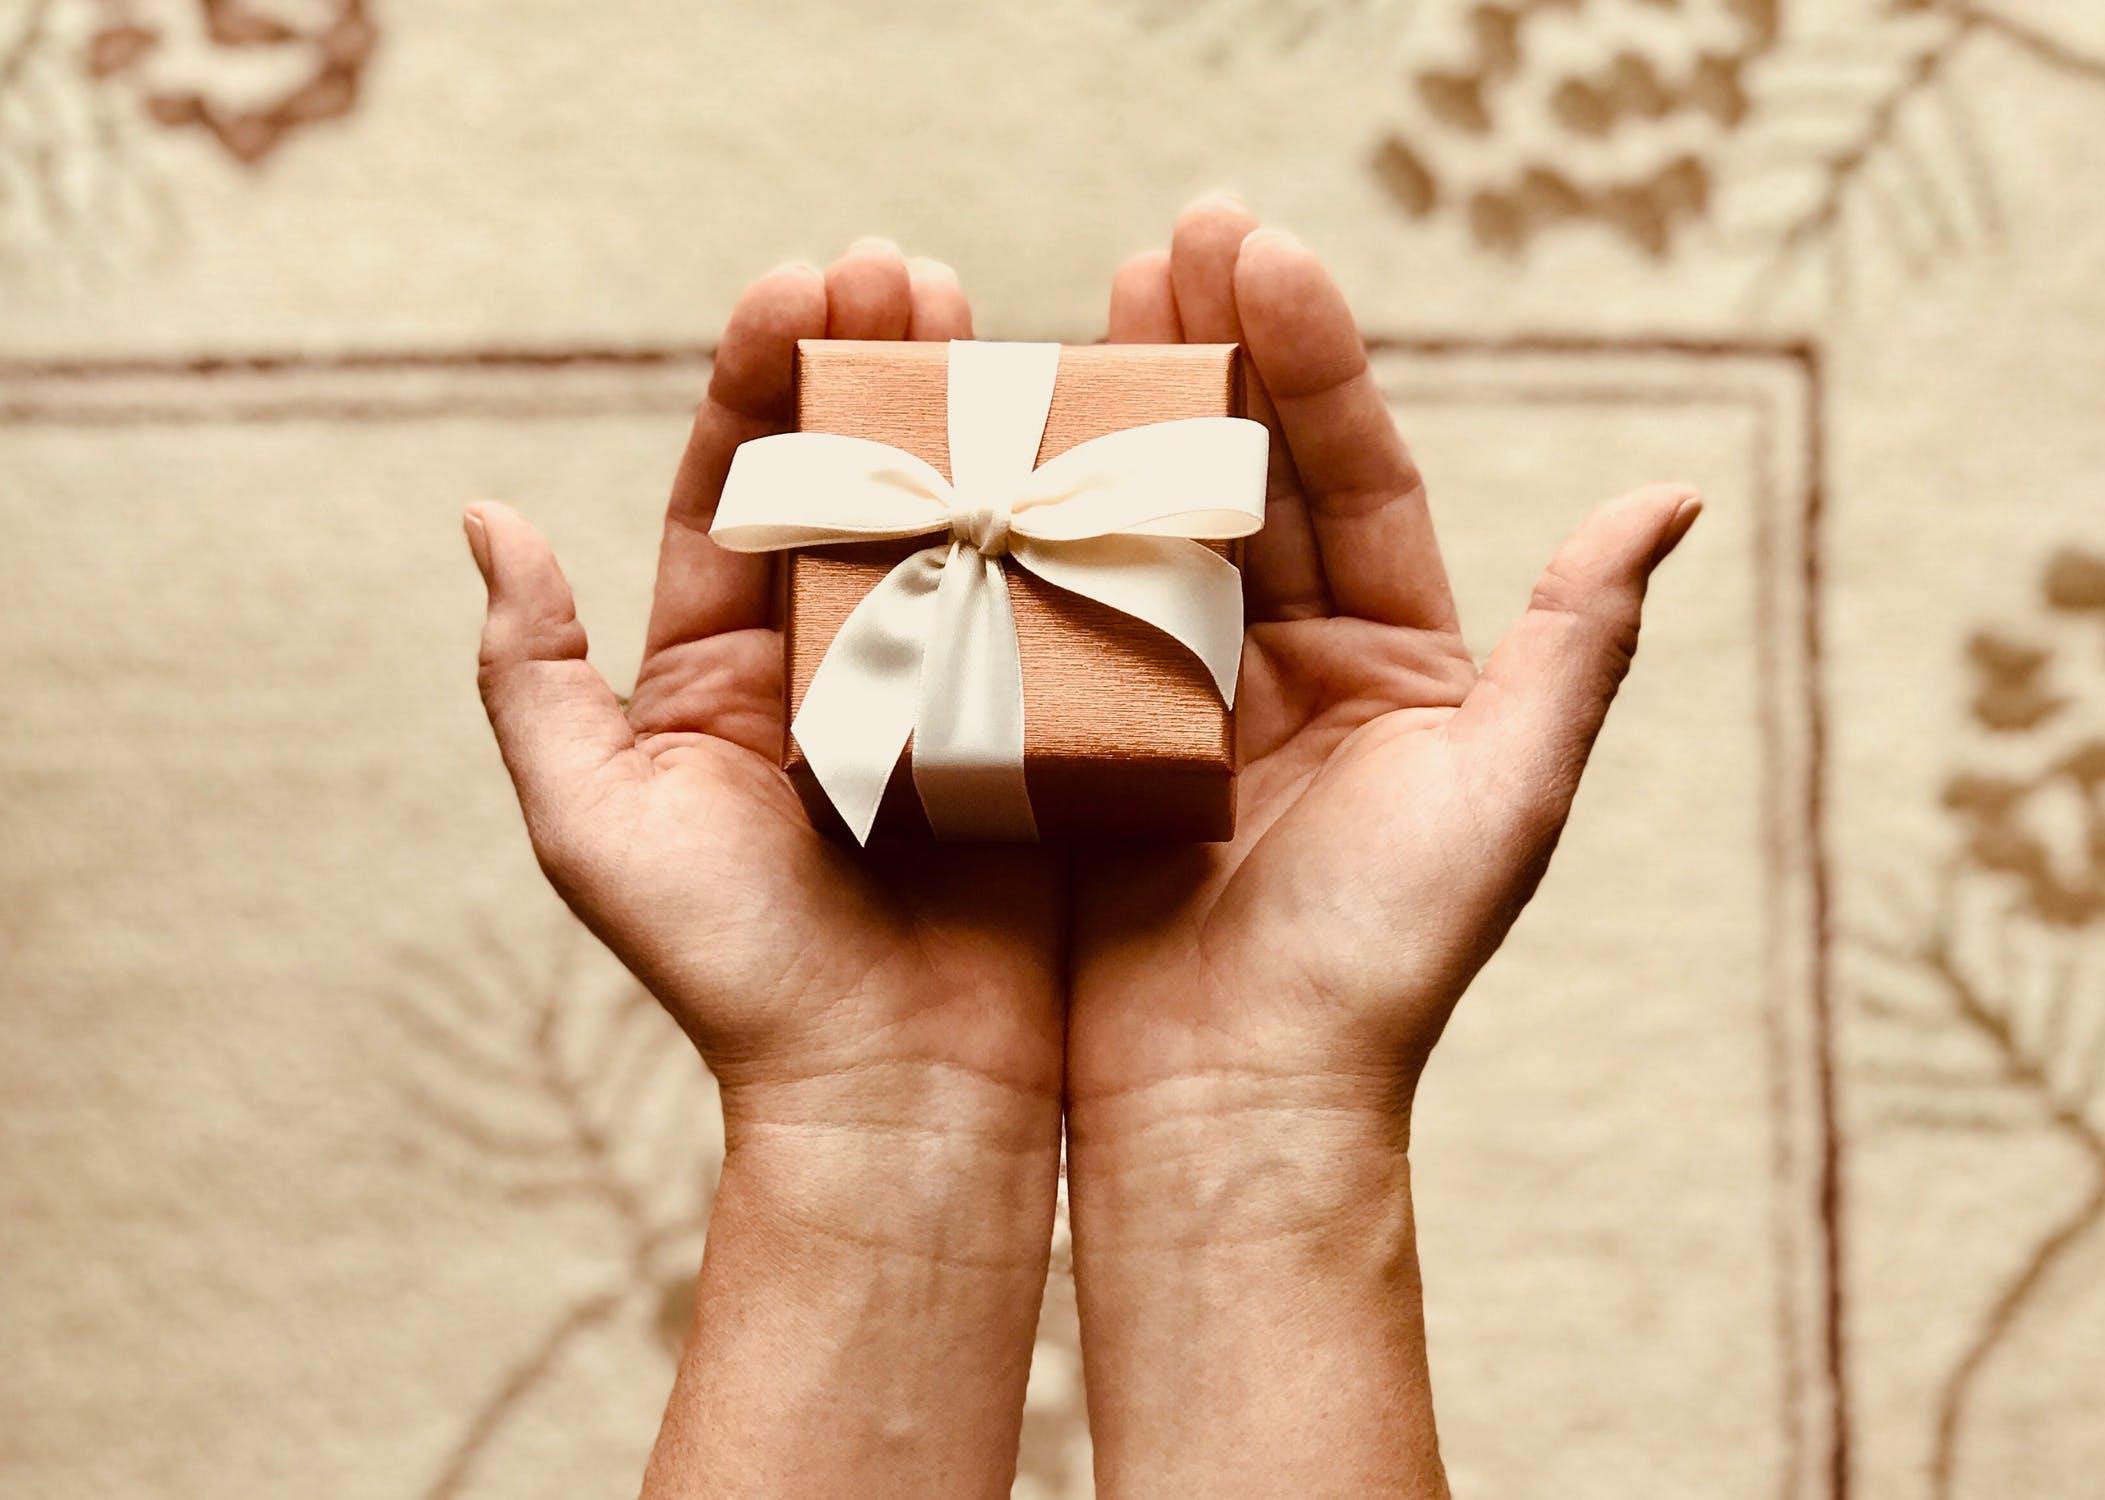 Hvad er en 'Wedding Favor' og hvad kan man give sine gæster?